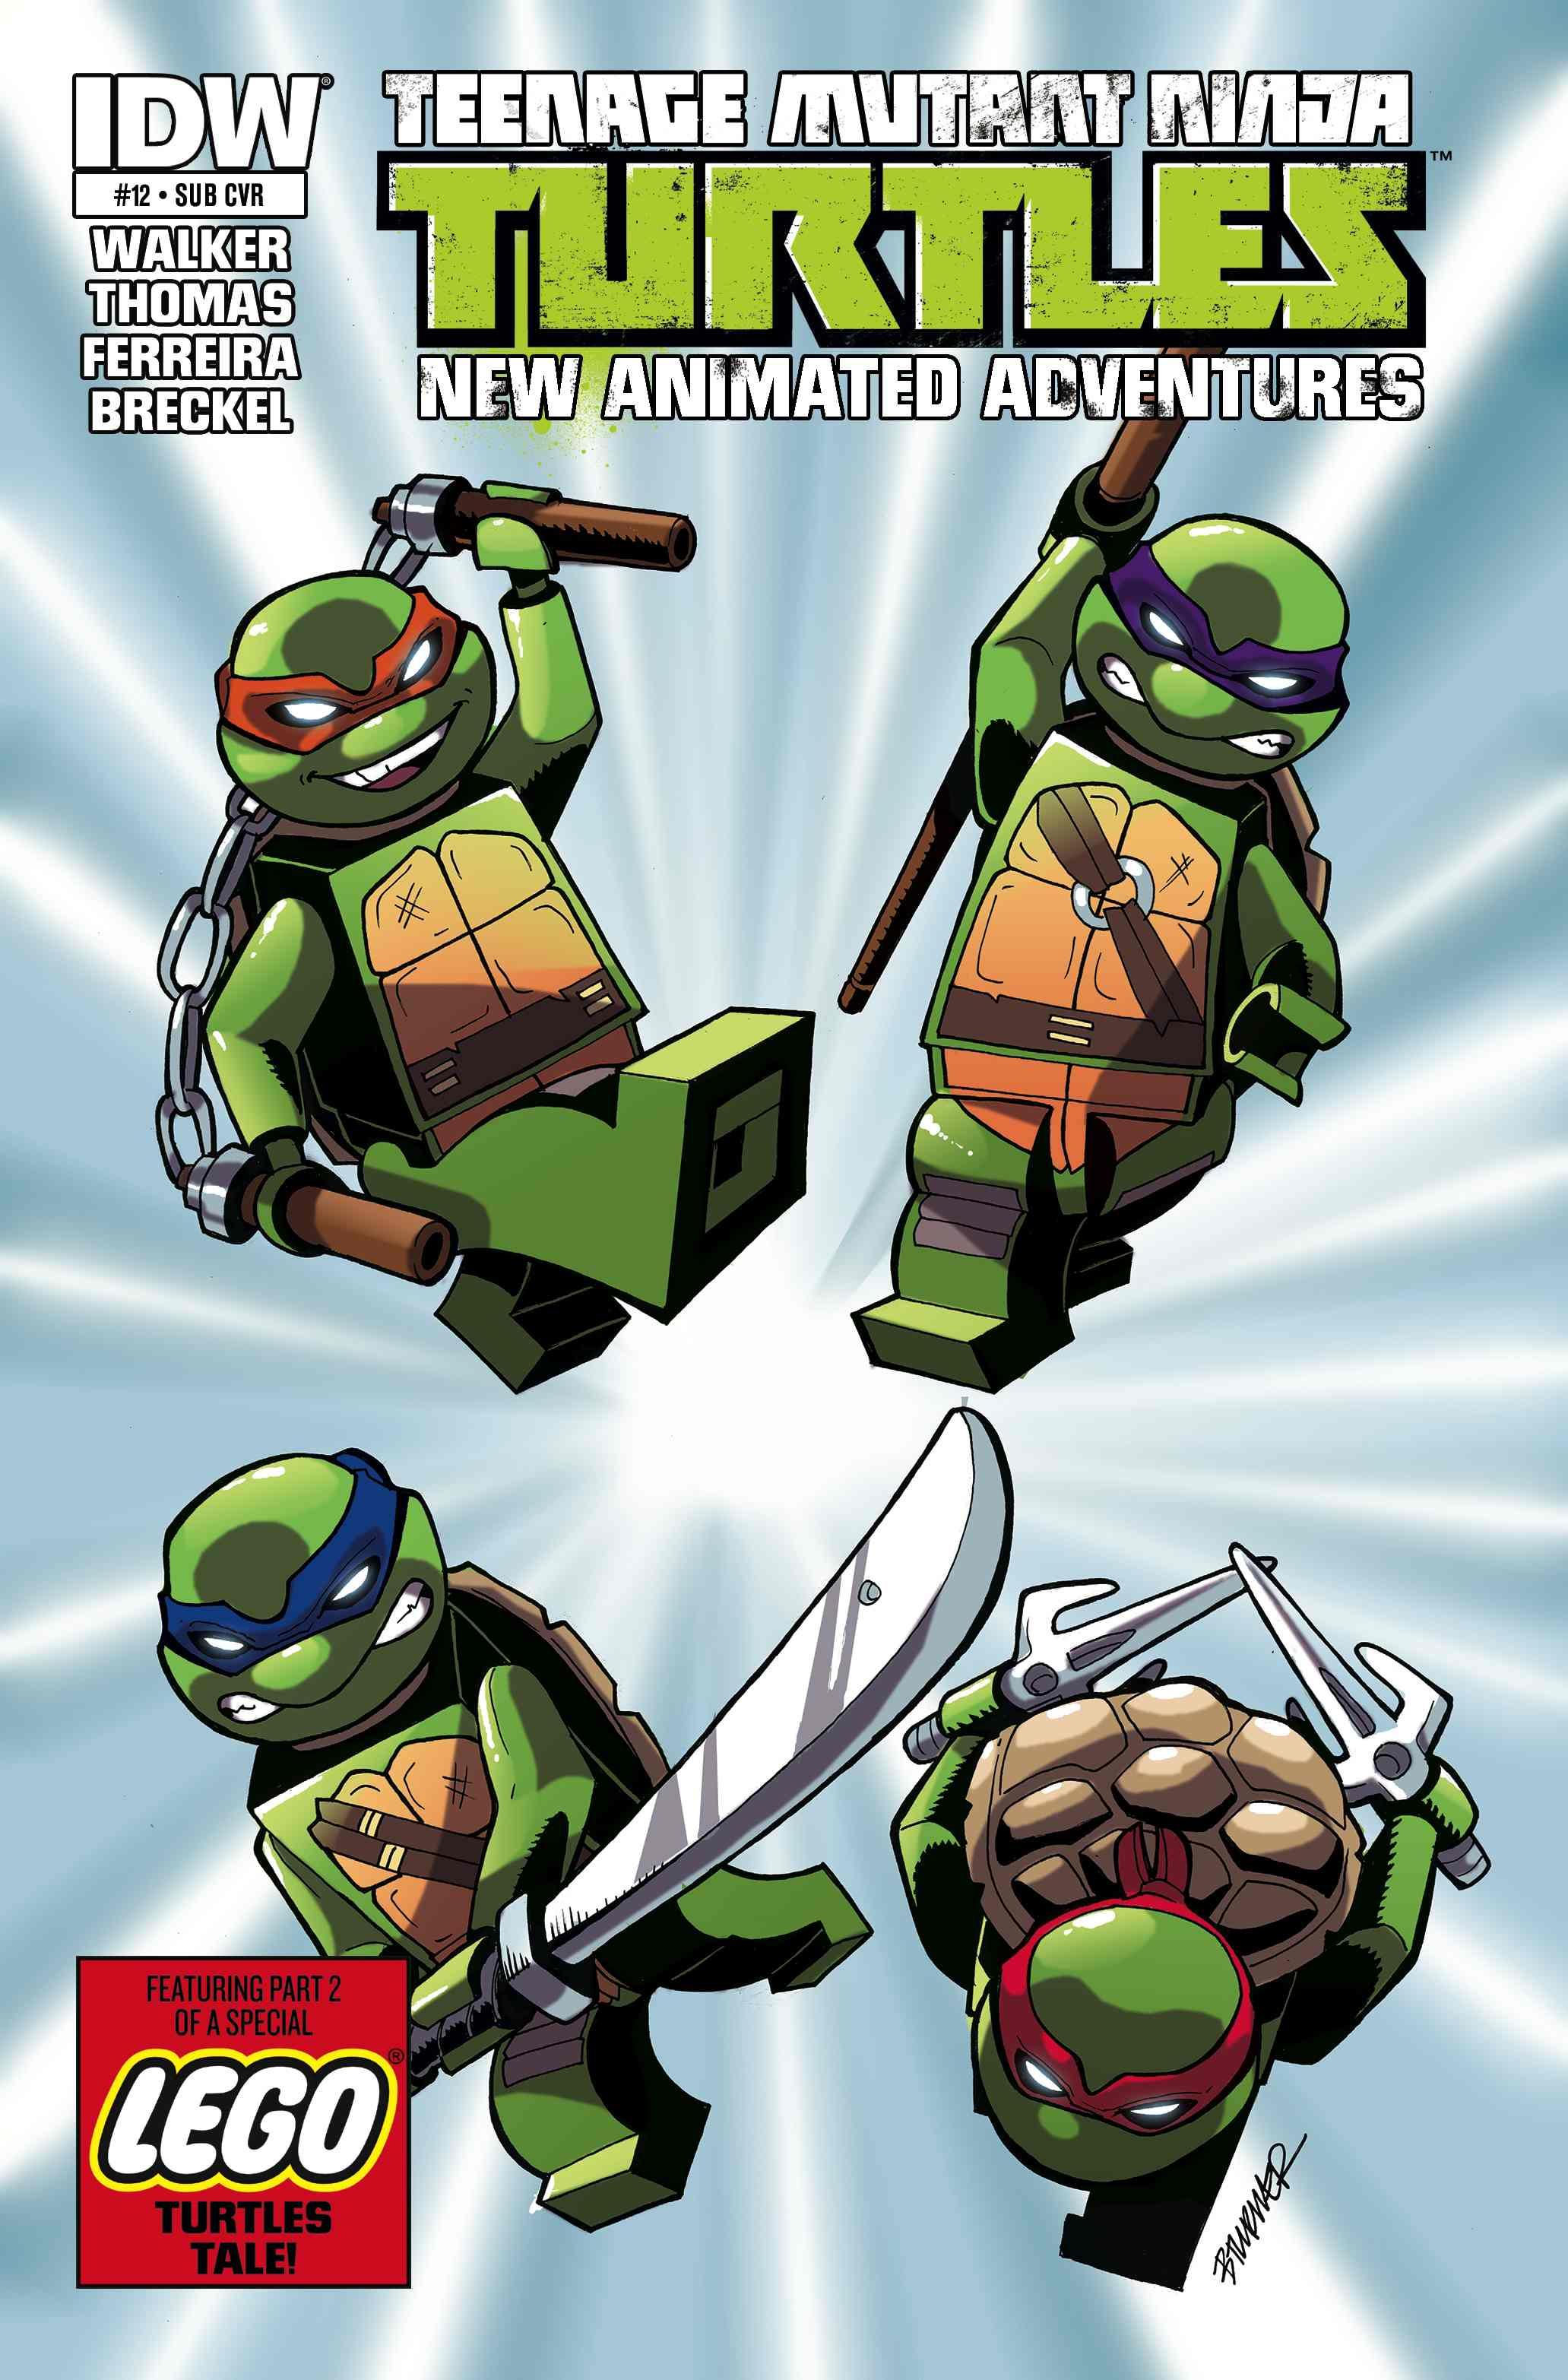 Teenage Mutant Ninja Turtles Lego Variant Comic Cover Fbtb